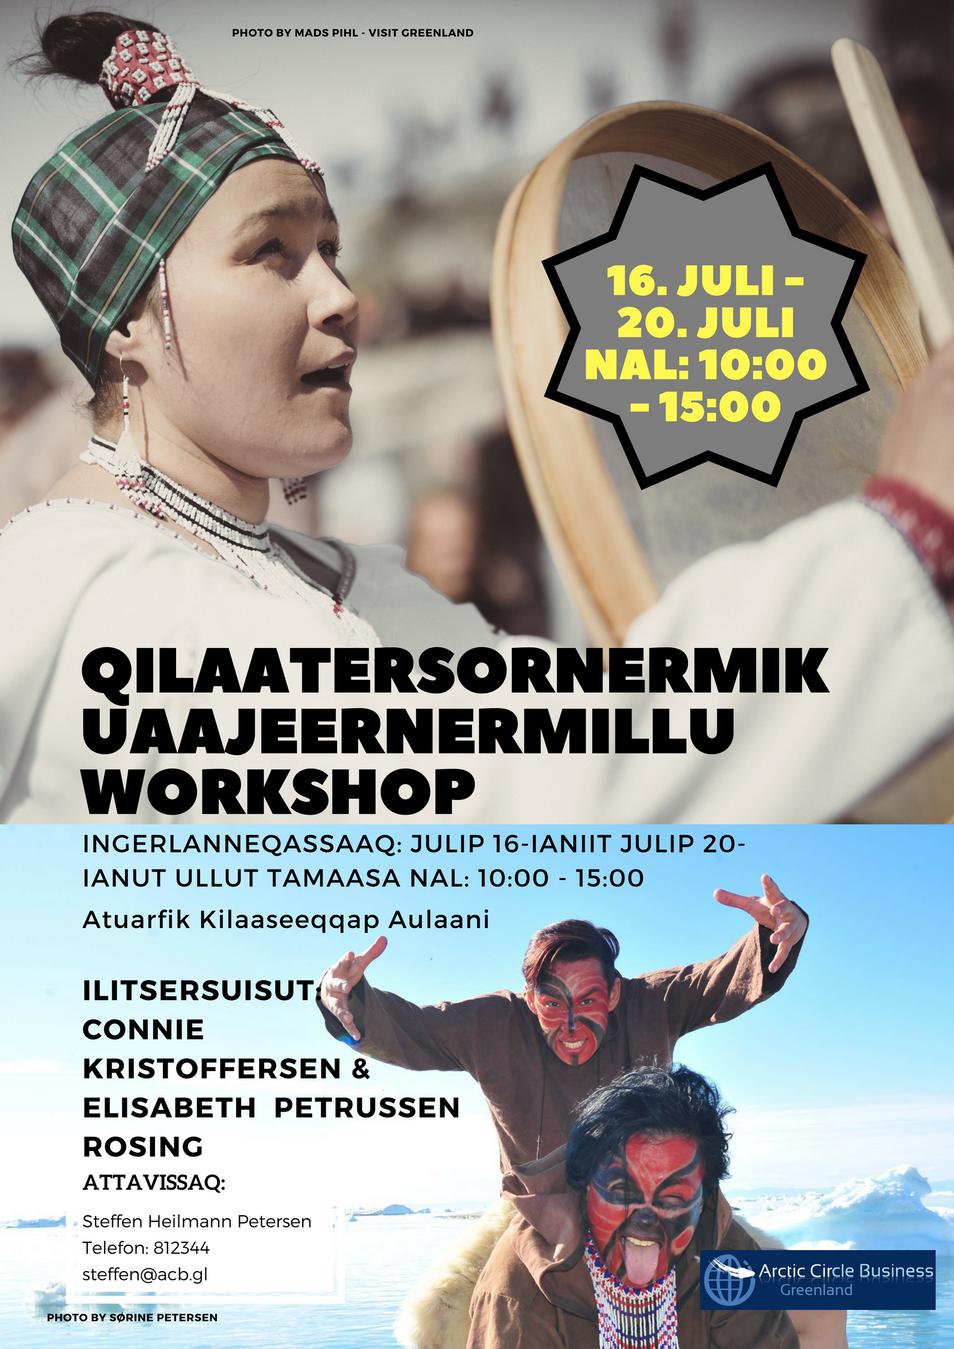 Maniitsumi: Qilaatersornermik uaajeernermillu workshop